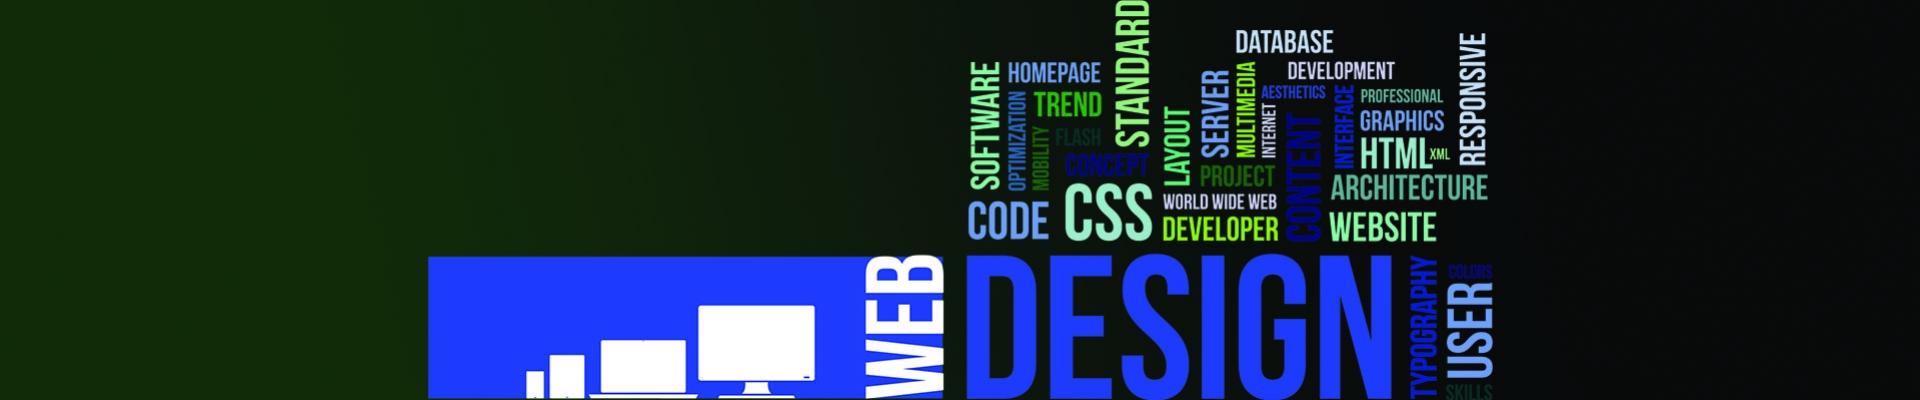 website-costs-renovations-redesign